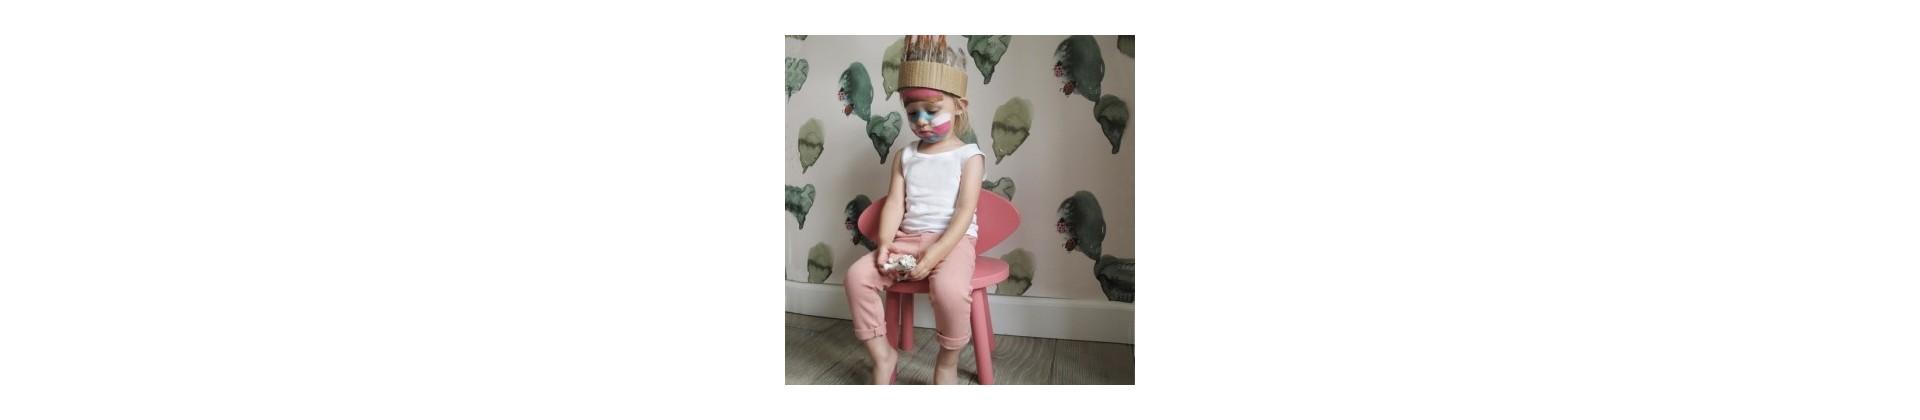 Chaises design pour bébés & enfants : trouvez la chaise idéale pour une chambre d'enfant